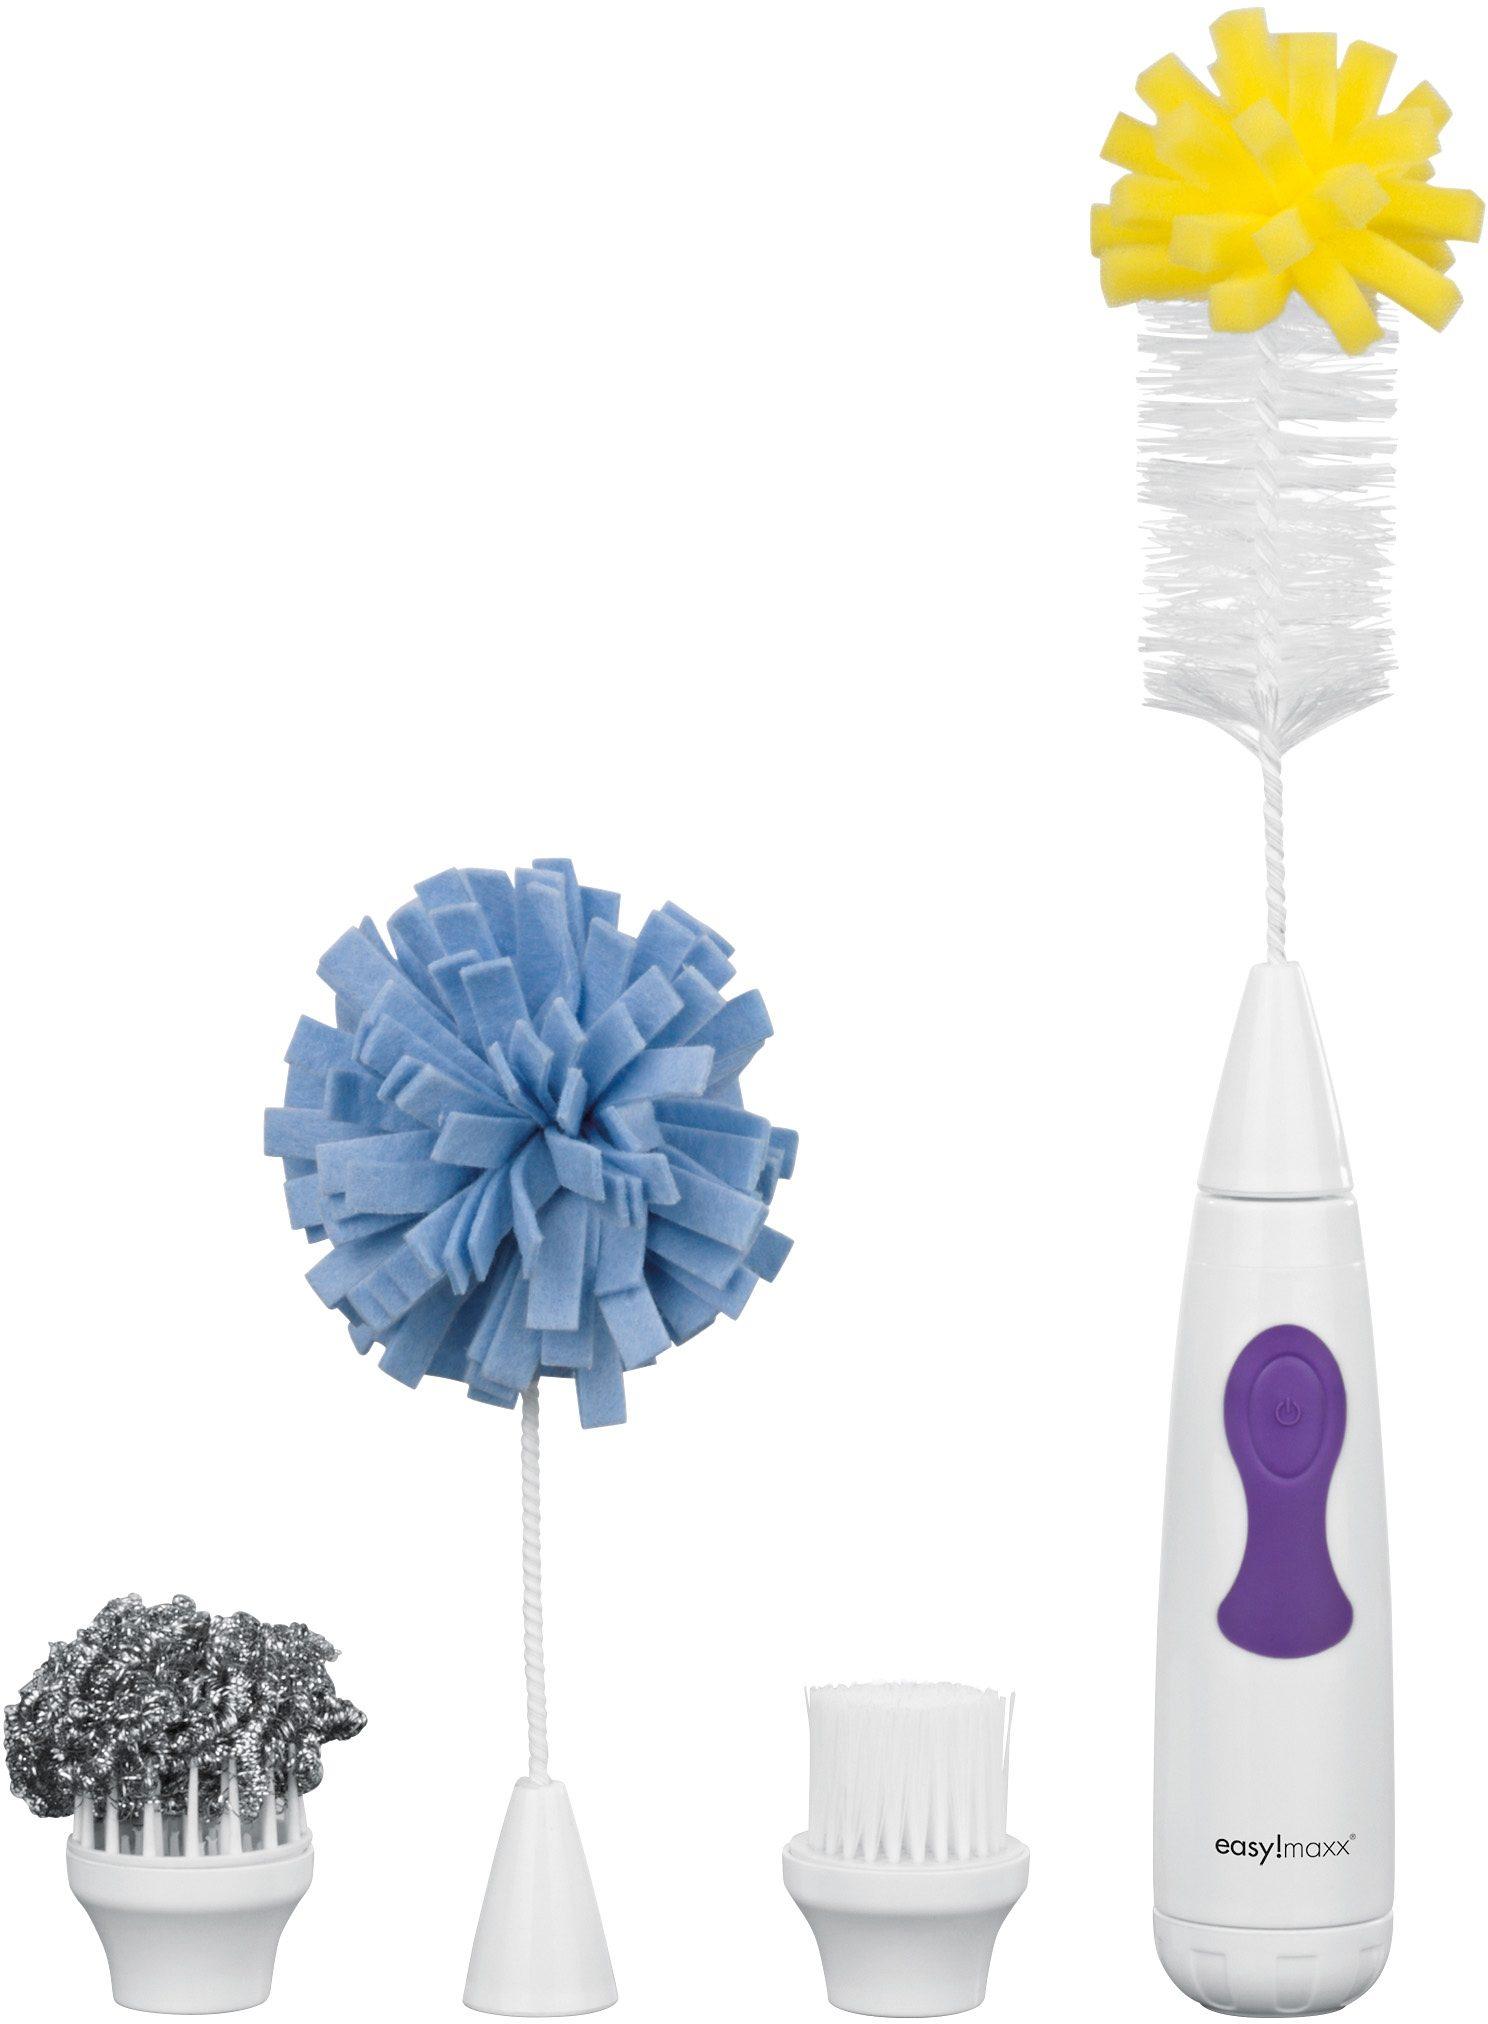 easy!maxx Elektrische Spül- und Reinigungsbürste 4in 1